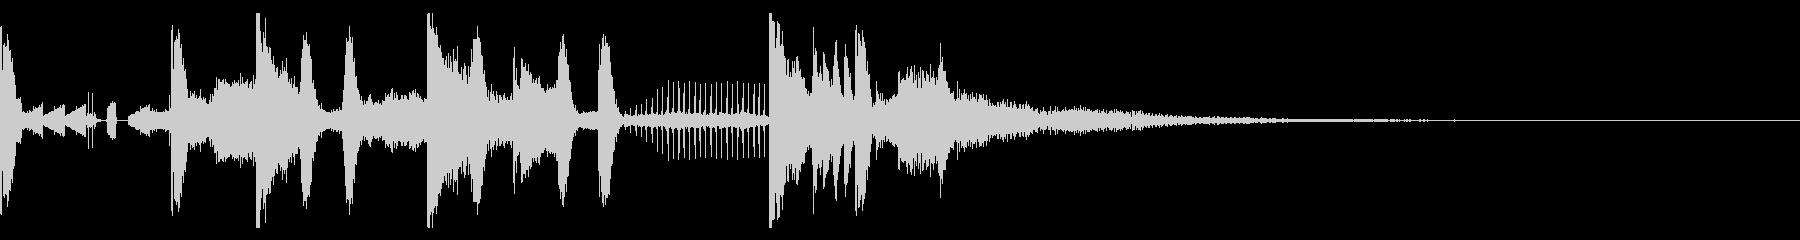 Tonal FX、140 BPMの未再生の波形